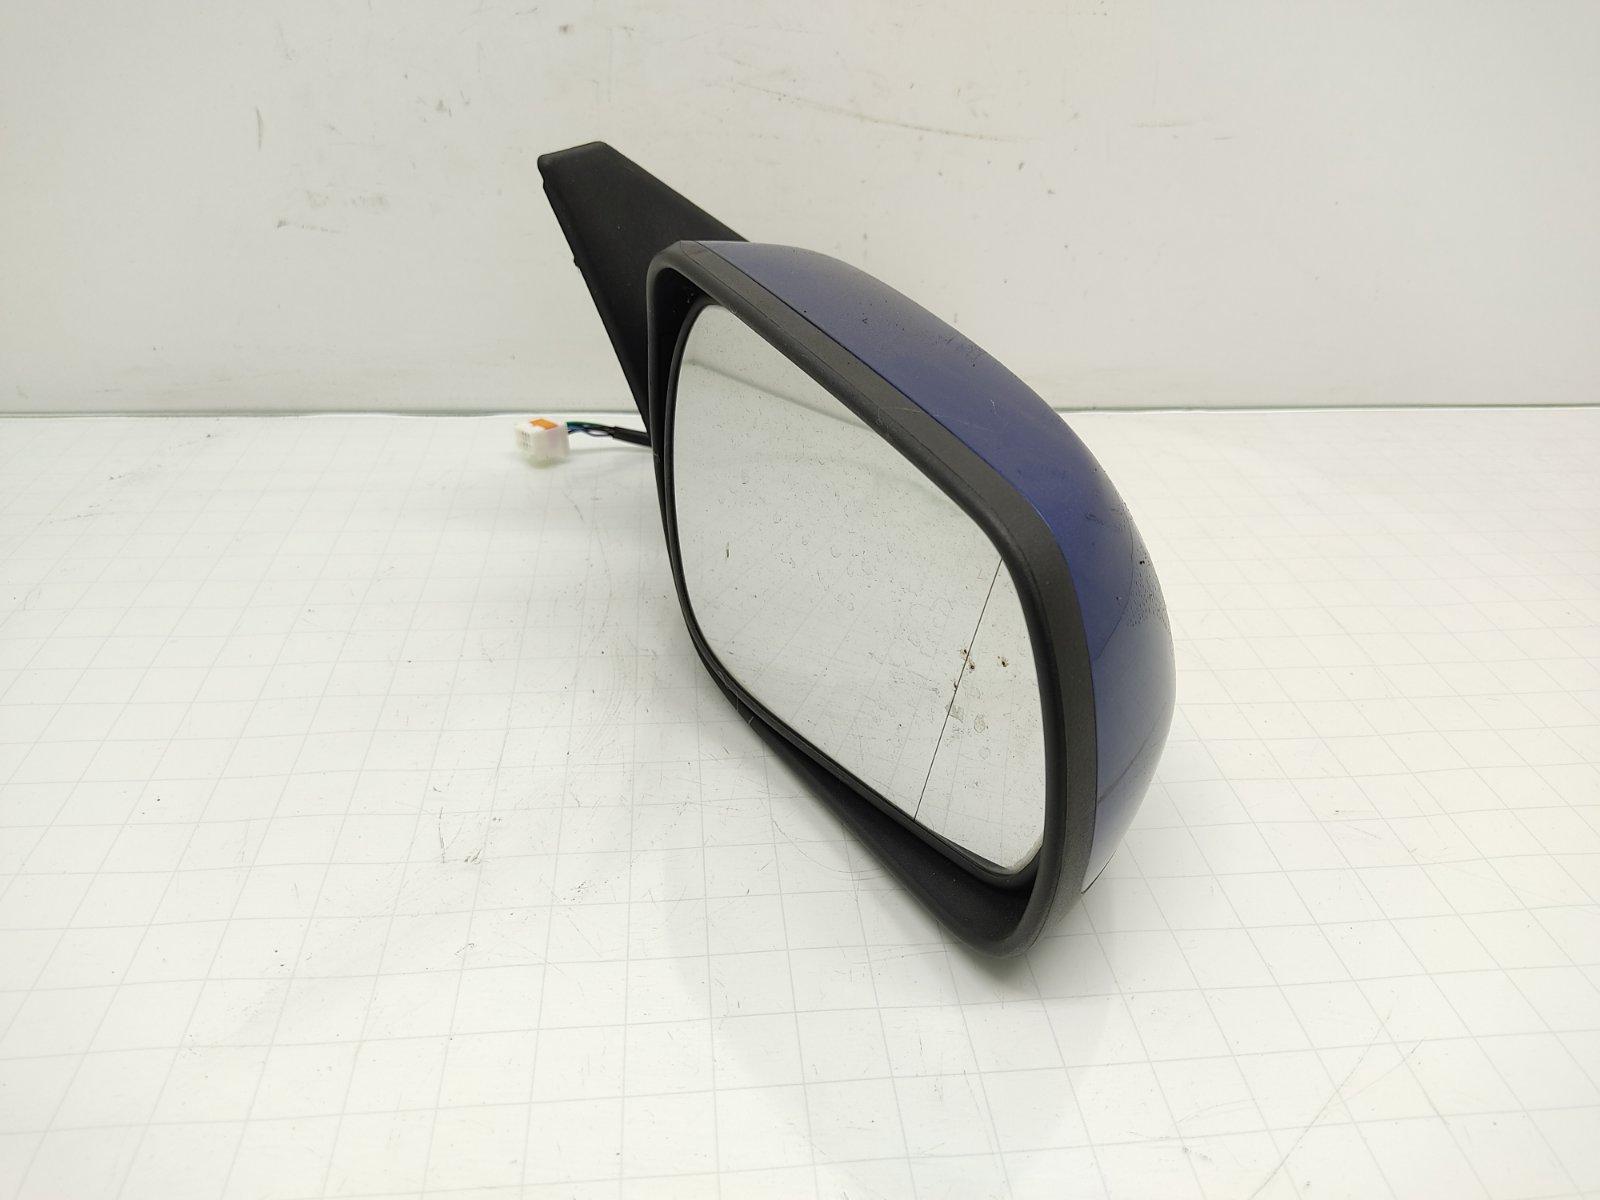 Зеркало наружное правое Mazda 6 1.8 I 2004 (б/у)